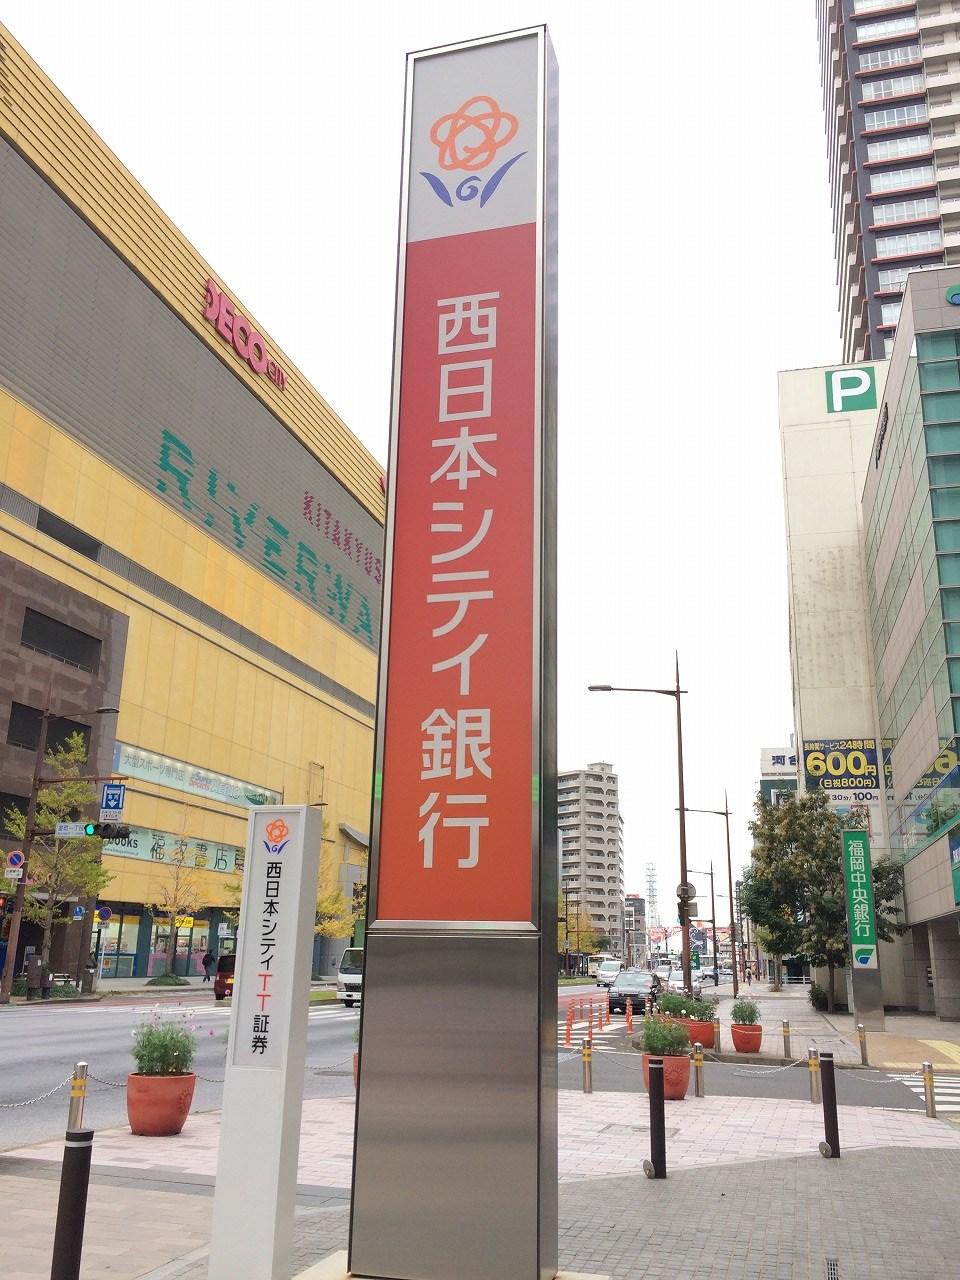 銀行:西日本シティ銀行 マルショク富野店 1120m